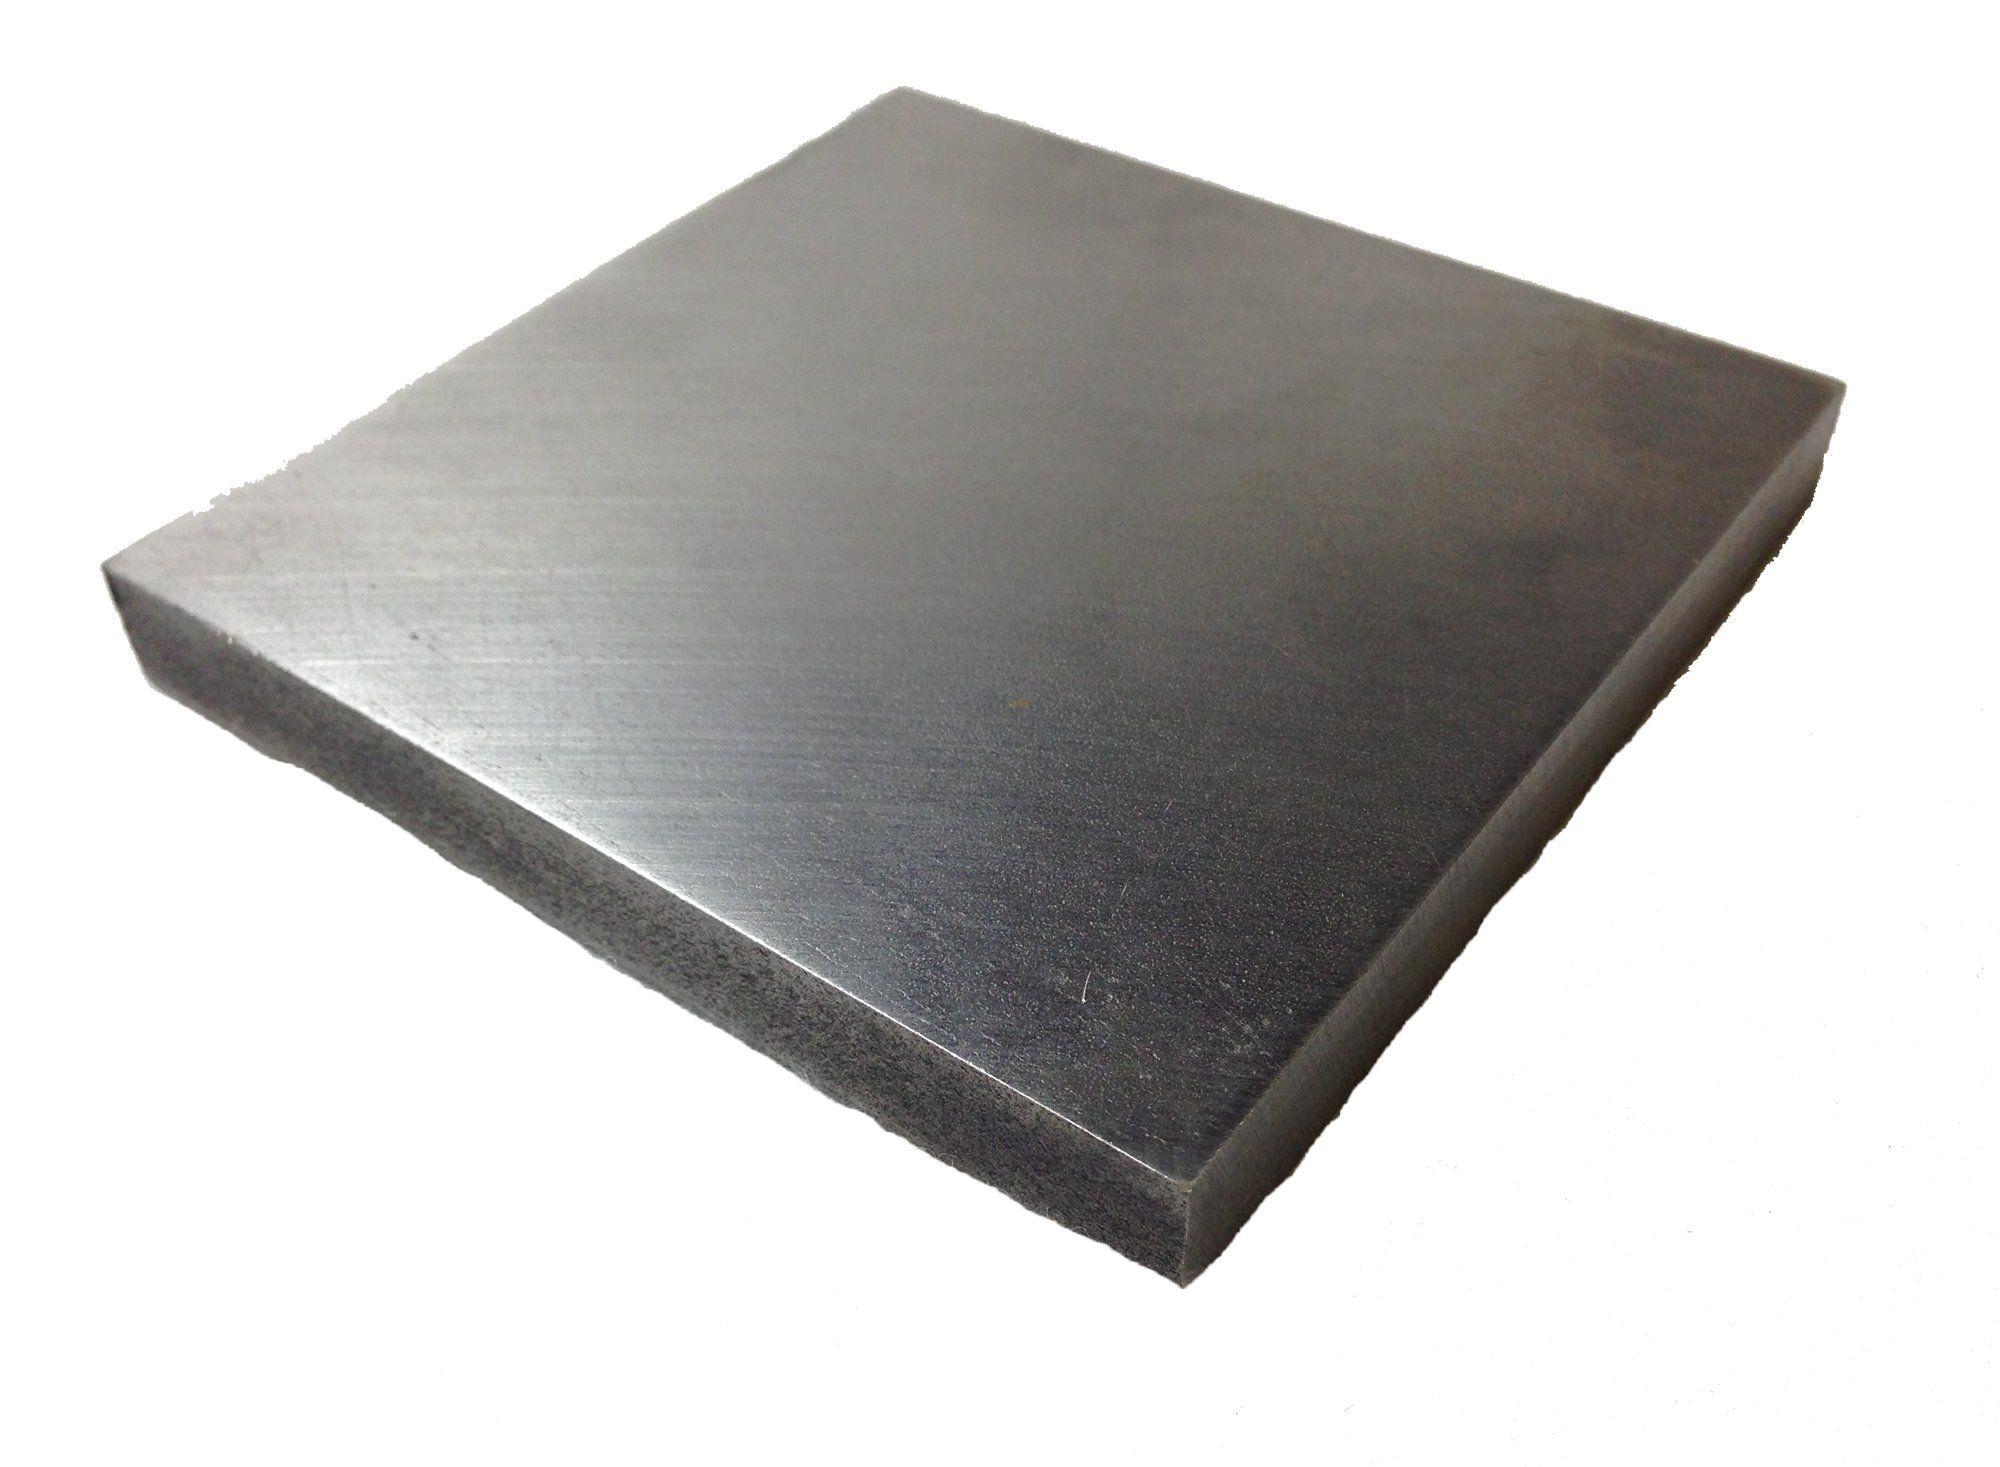 Rmp Steel Bench Block 4 X 4 X 1 2 Flat Anvil Jewelers Tool Ad Bench Affiliate Block Rmp Steel Bench Block Steel Bench Jewelers Tools